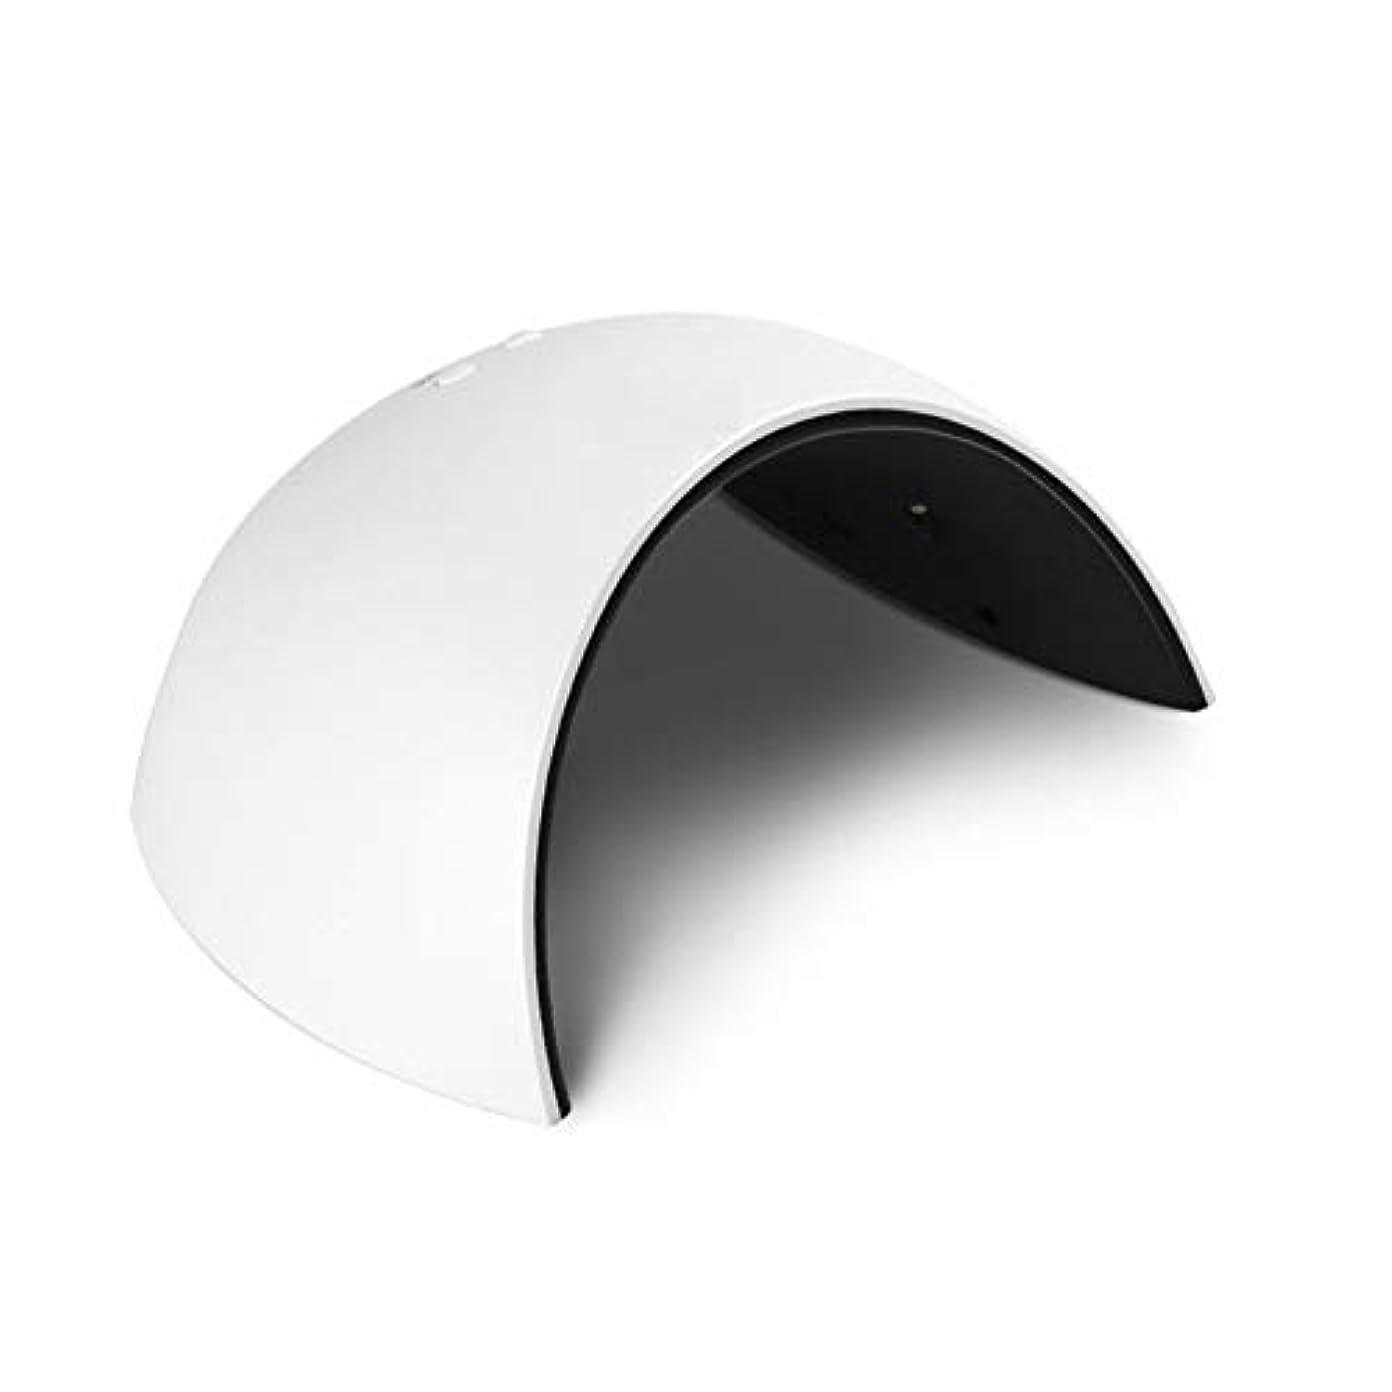 定期的な鋼不条理LittleCat マニキュアマシンベーキングガムライトセラピーランプネイルドライヤー日ランプはLEDネイルUVランプ (色 : White)